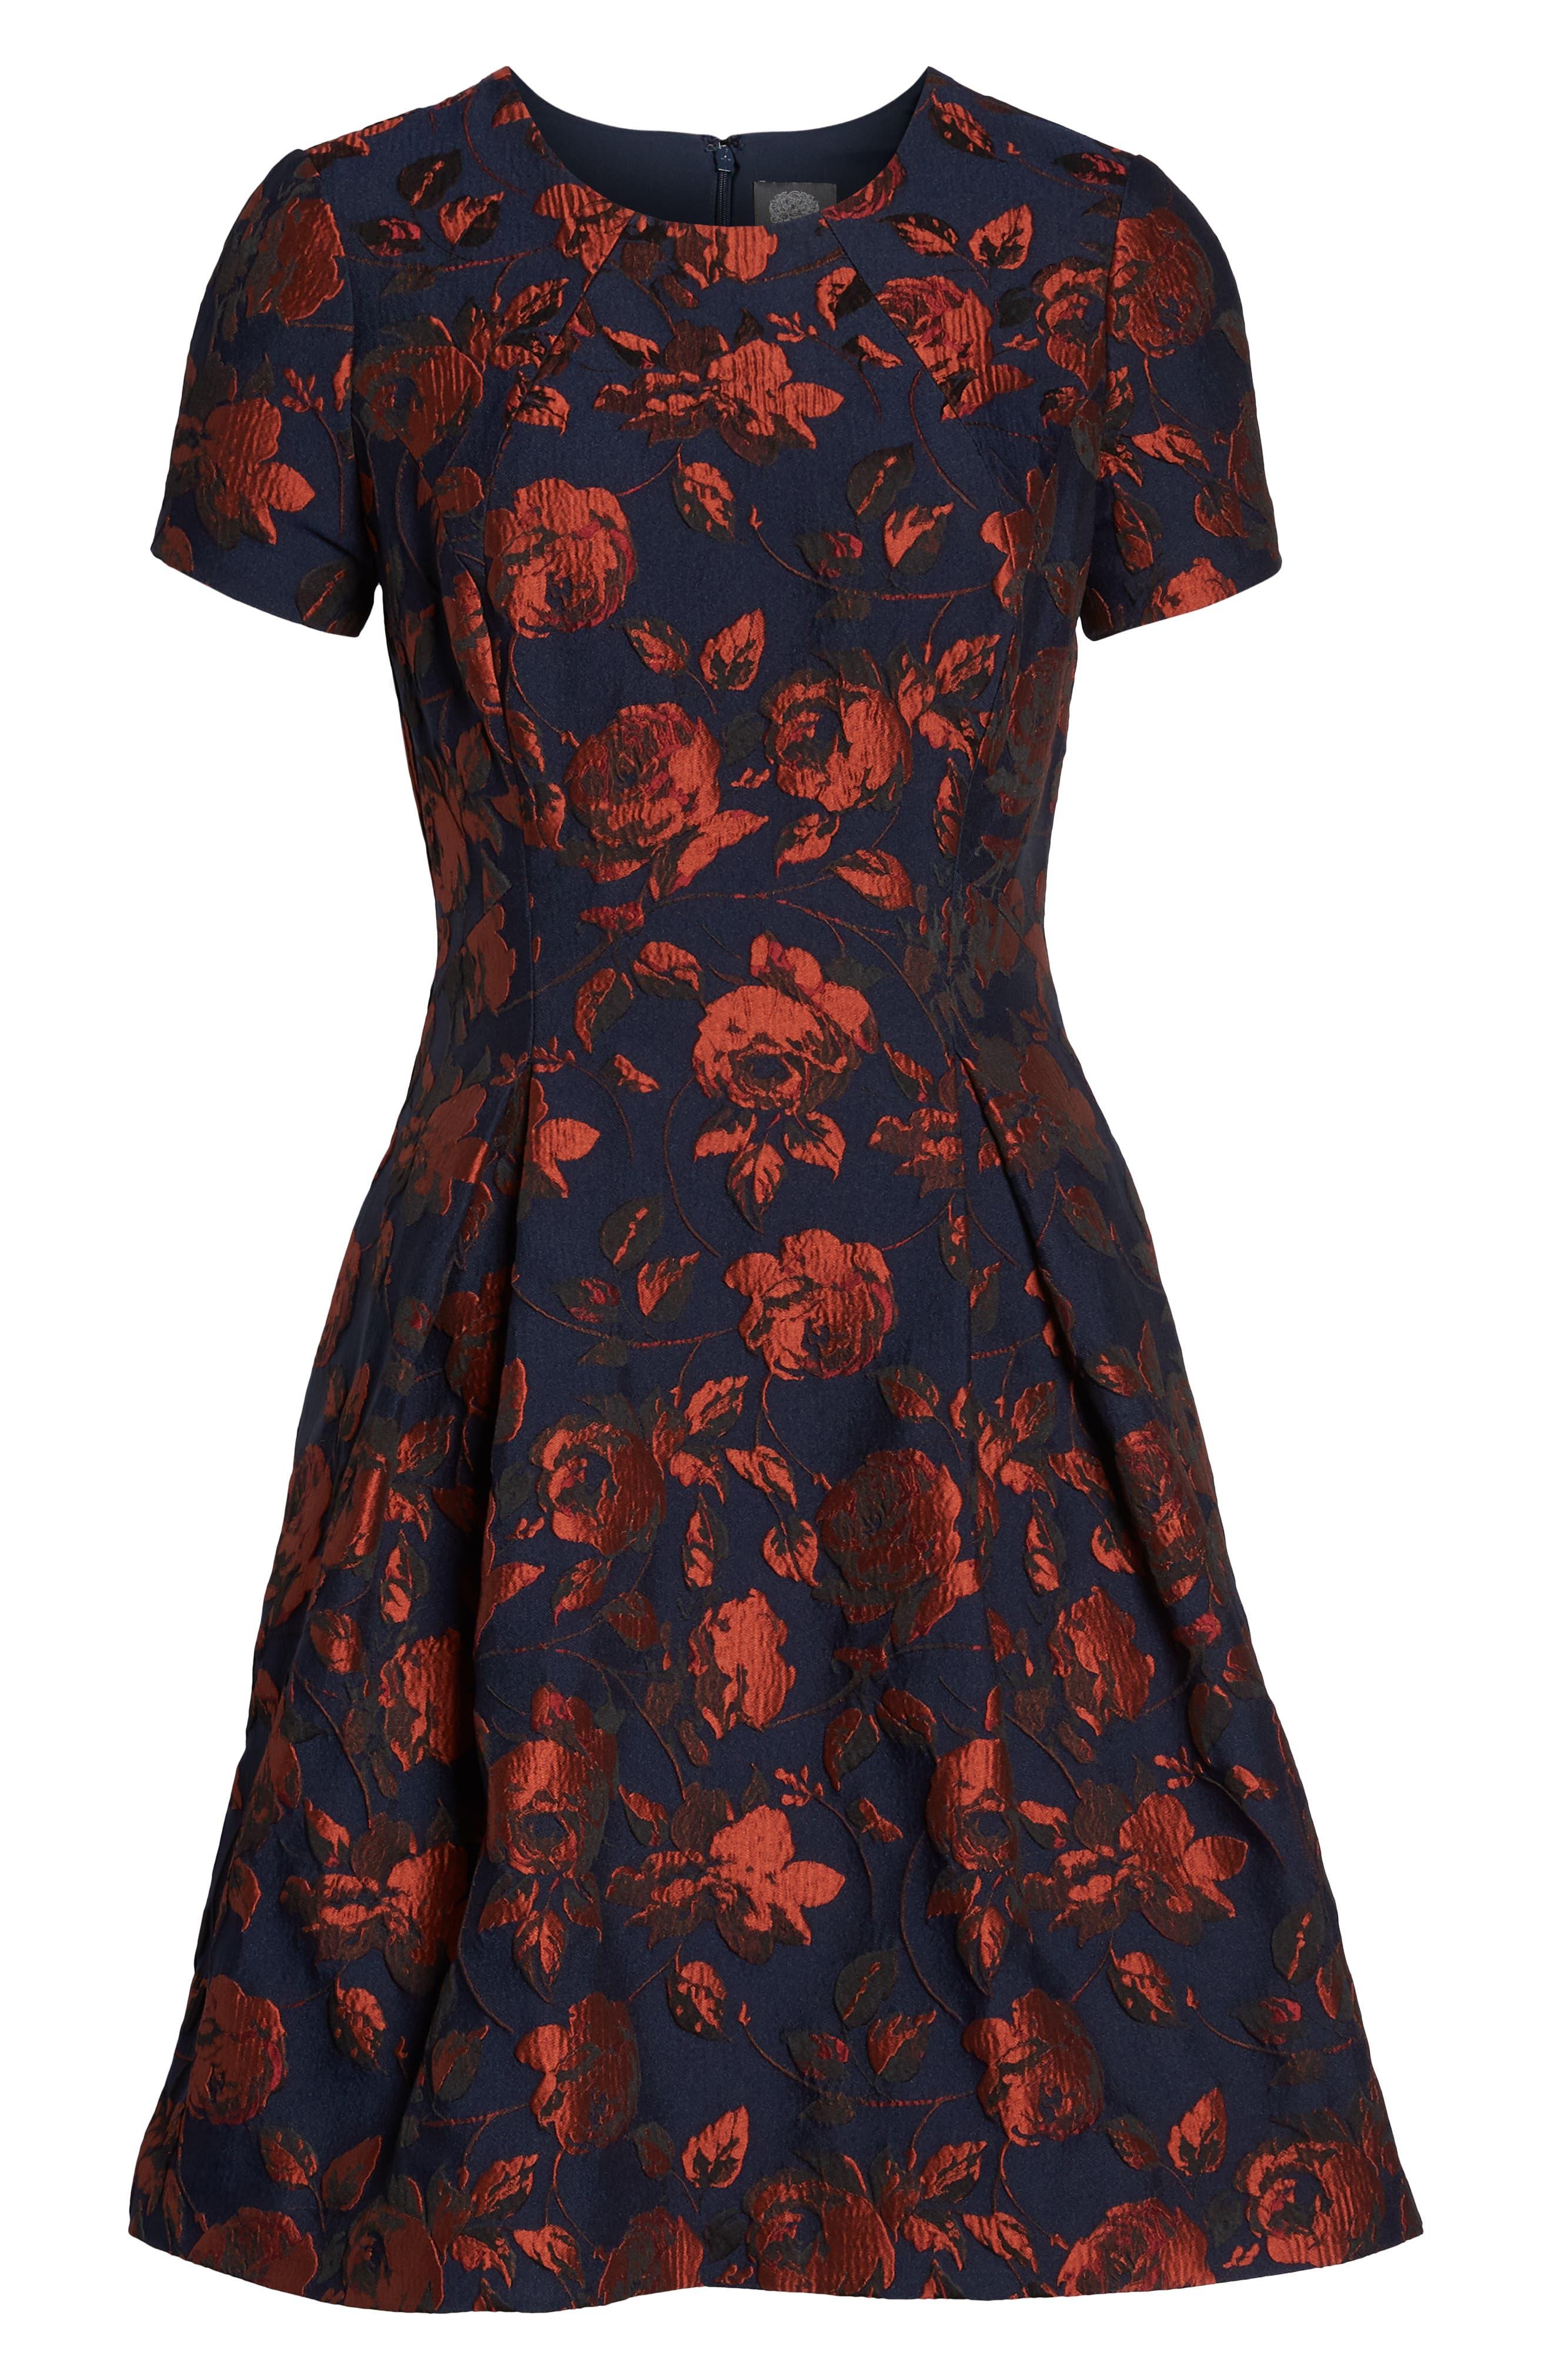 Jacquard Fit & Flare Dress,                             Alternate thumbnail 7, color,                             NAVY MULTI